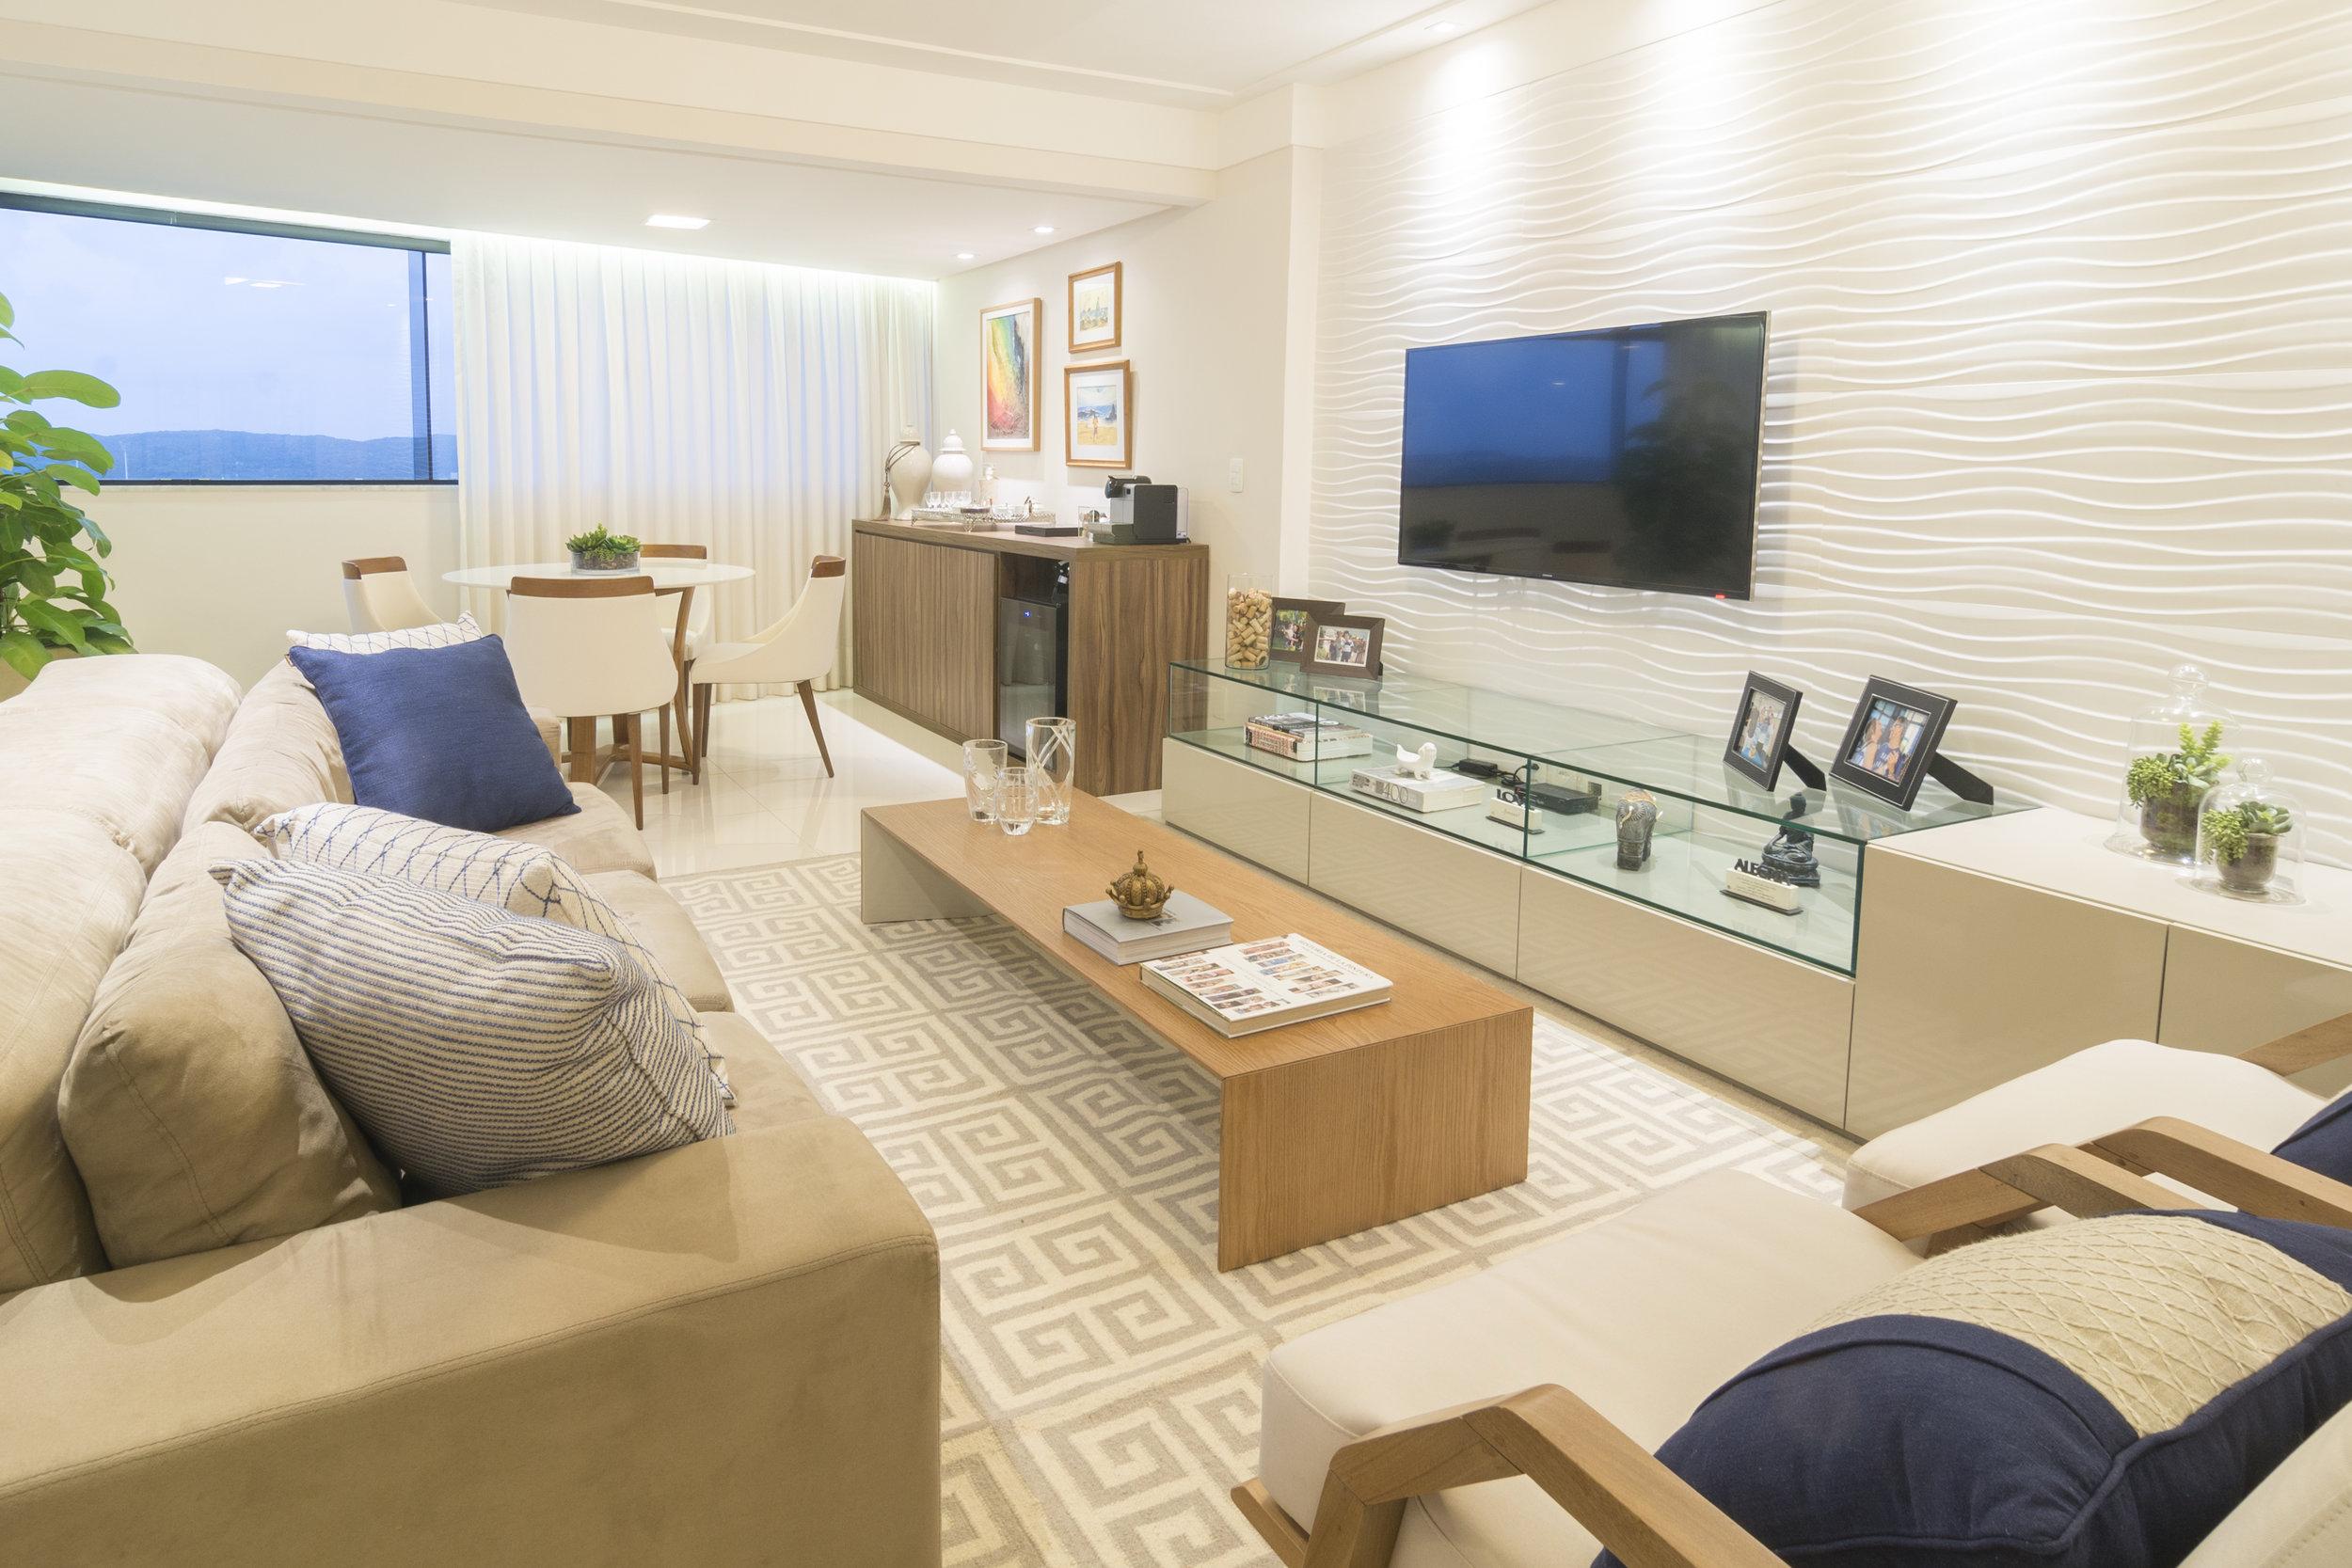 projeto-arquitetonico-luciananilton-duo-arquitetura-apartamentos-natal-013.jpg